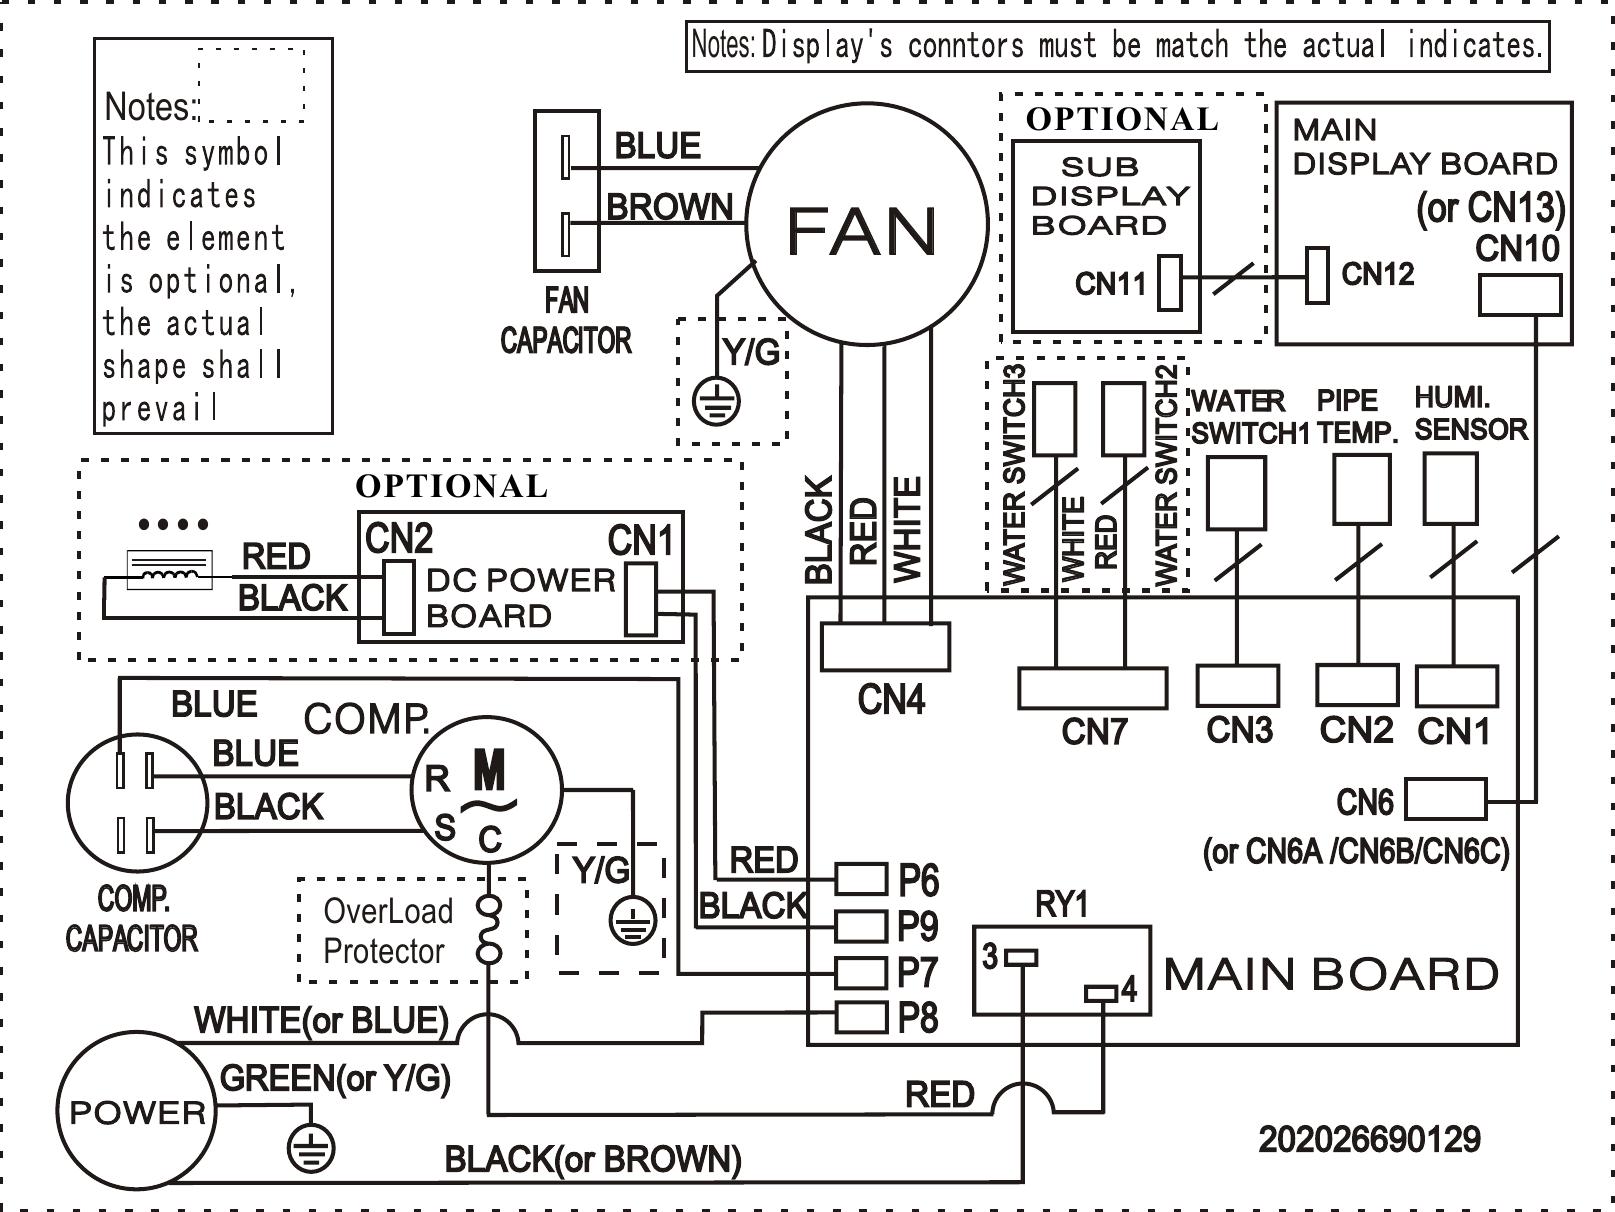 Suzuki Fa50 Wiring Diagram Detailed Schematics Bandit 1250 1980 Schematic Diagrams